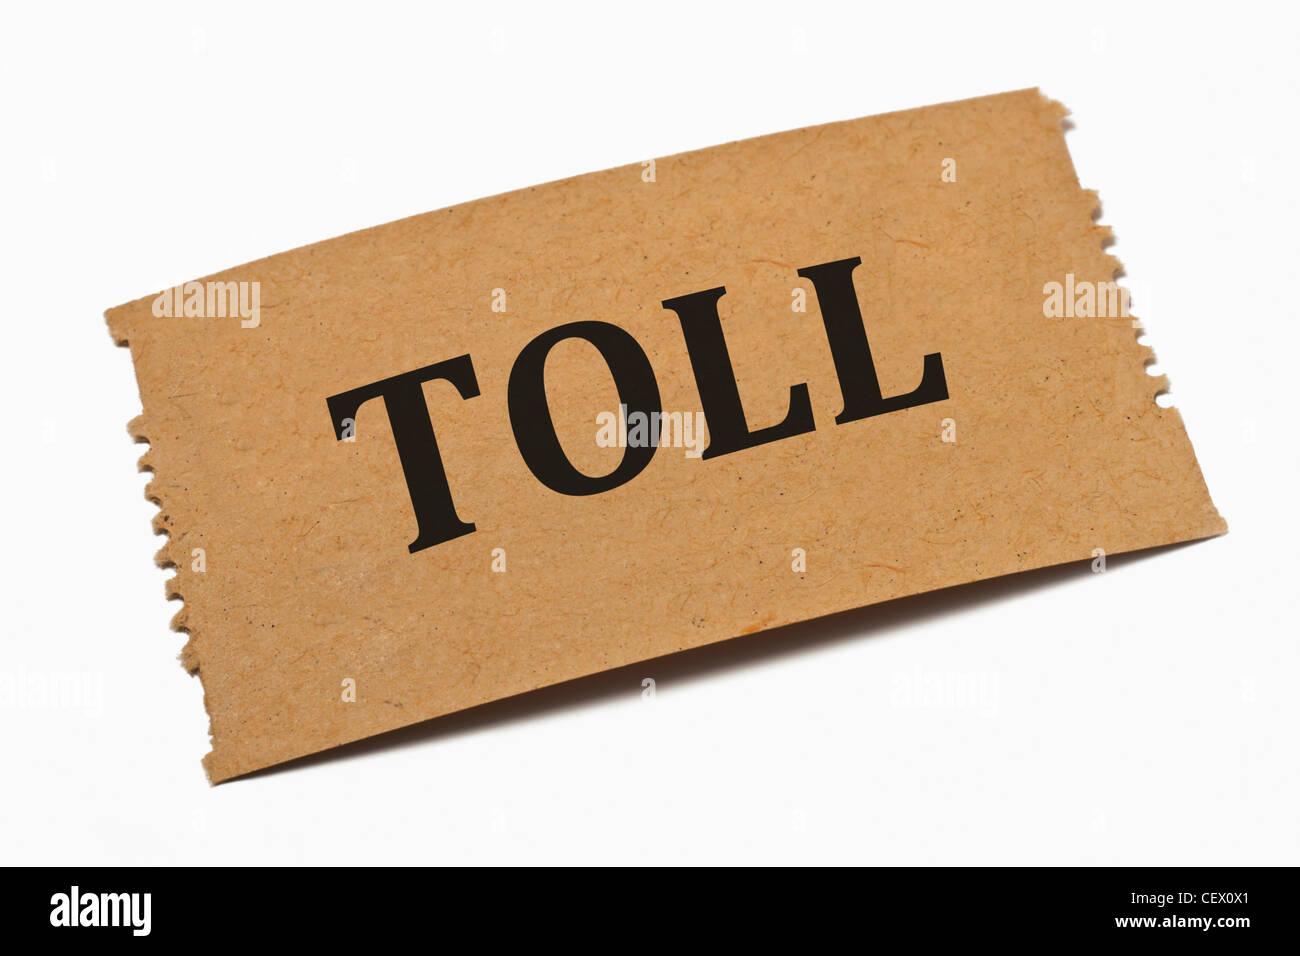 Detailansicht einer Karte aus Papier mit der Aufschrift Toll (Maut) | Detail photo of a paper card with the inscription - Stock Image